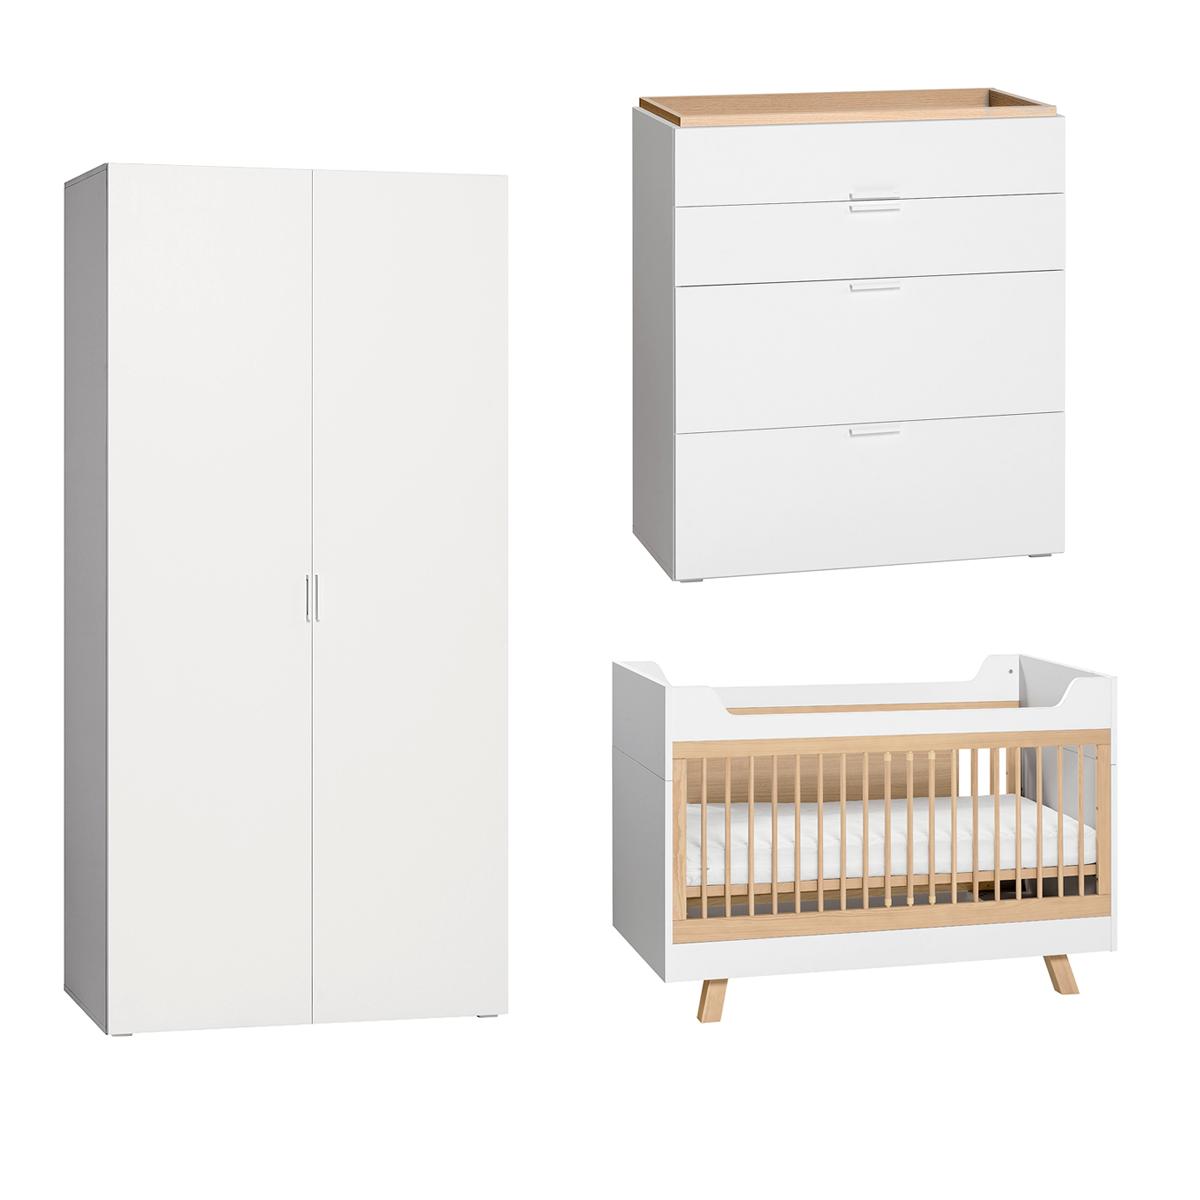 Chambre complète lit évolutif 70x140 - commode à langer - armoire 2 portes Vox 4You - Blanc